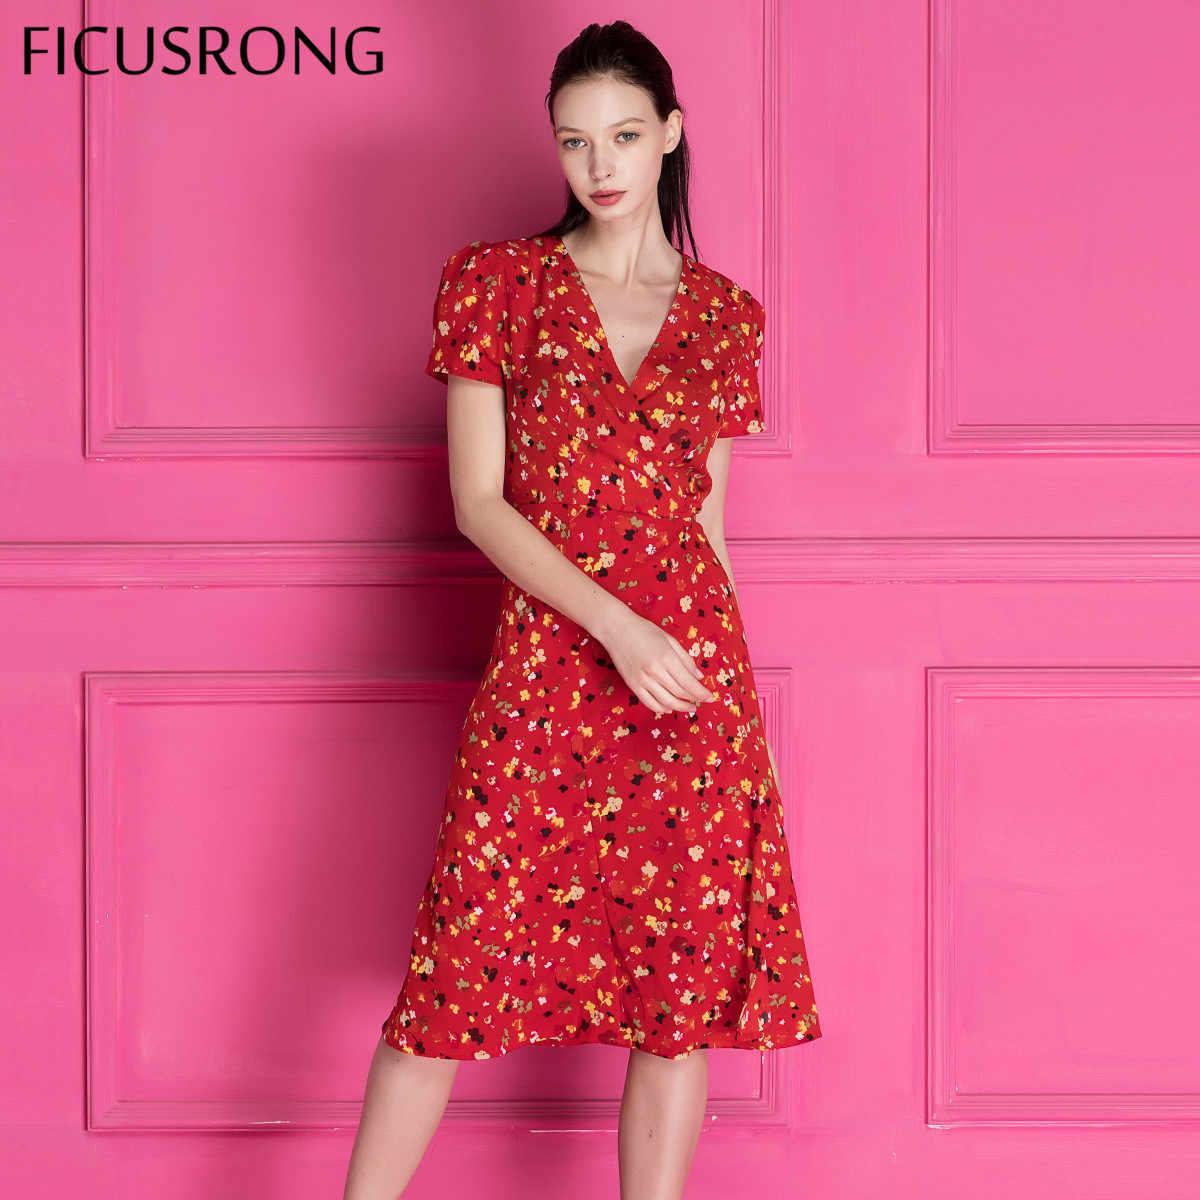 2019 Новое винтажное платье с глубоким v-образным вырезом на шнуровке женское с буфами рукав летнее платье женское элегантное Цветочное платье с принтом, платье FICUSRONG